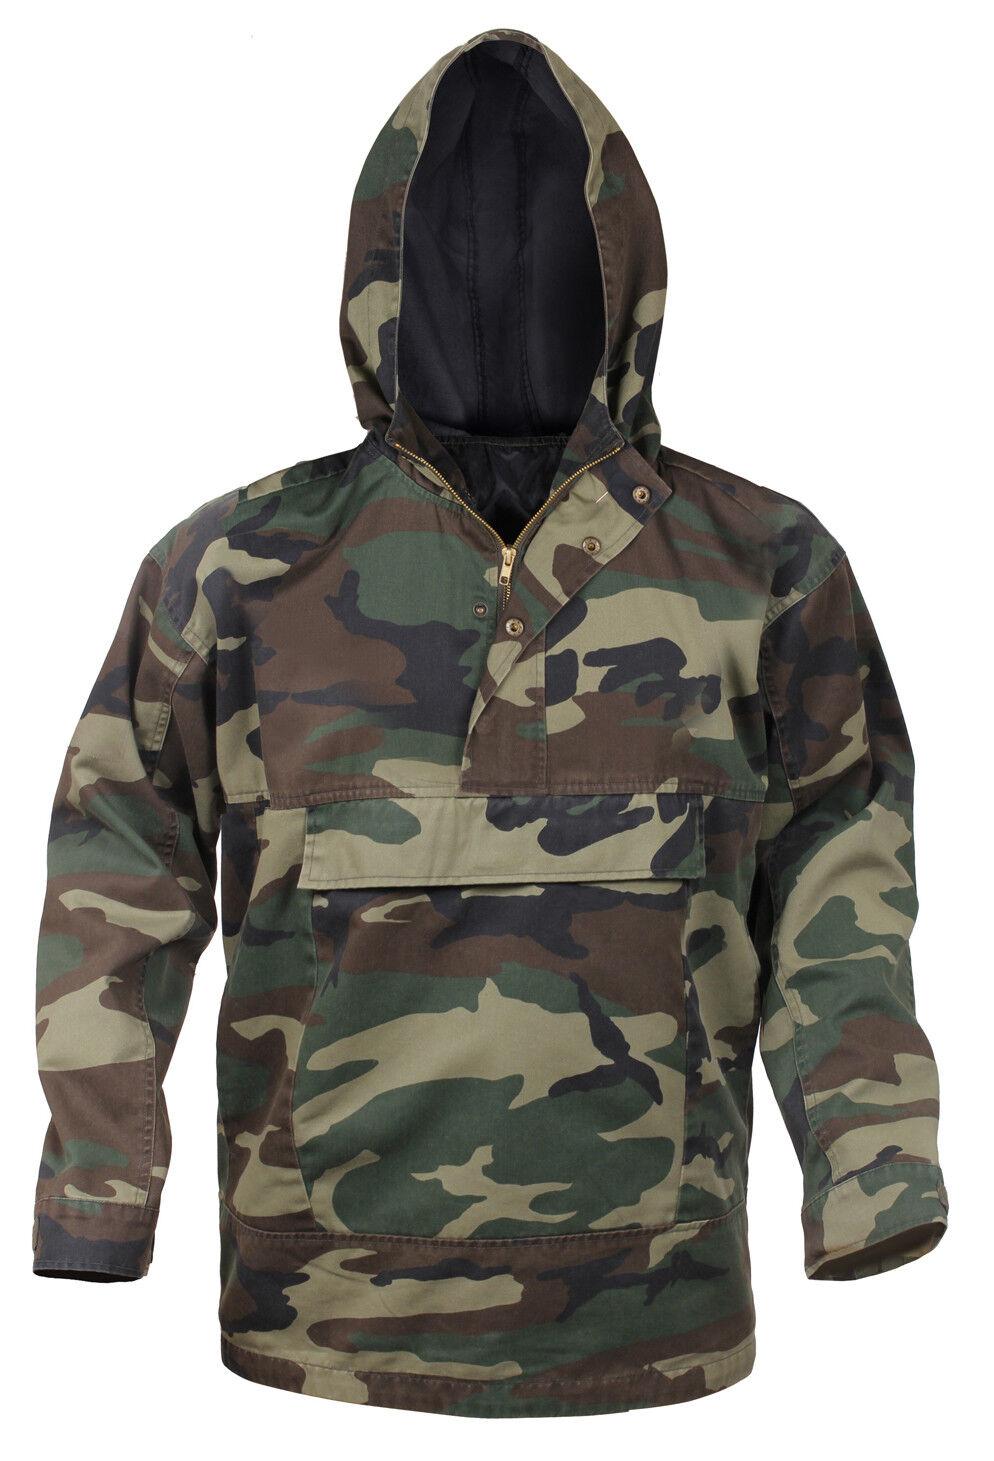 Mens Woodland Camo Anorak Parka Jacket Coat Camouflage Lined